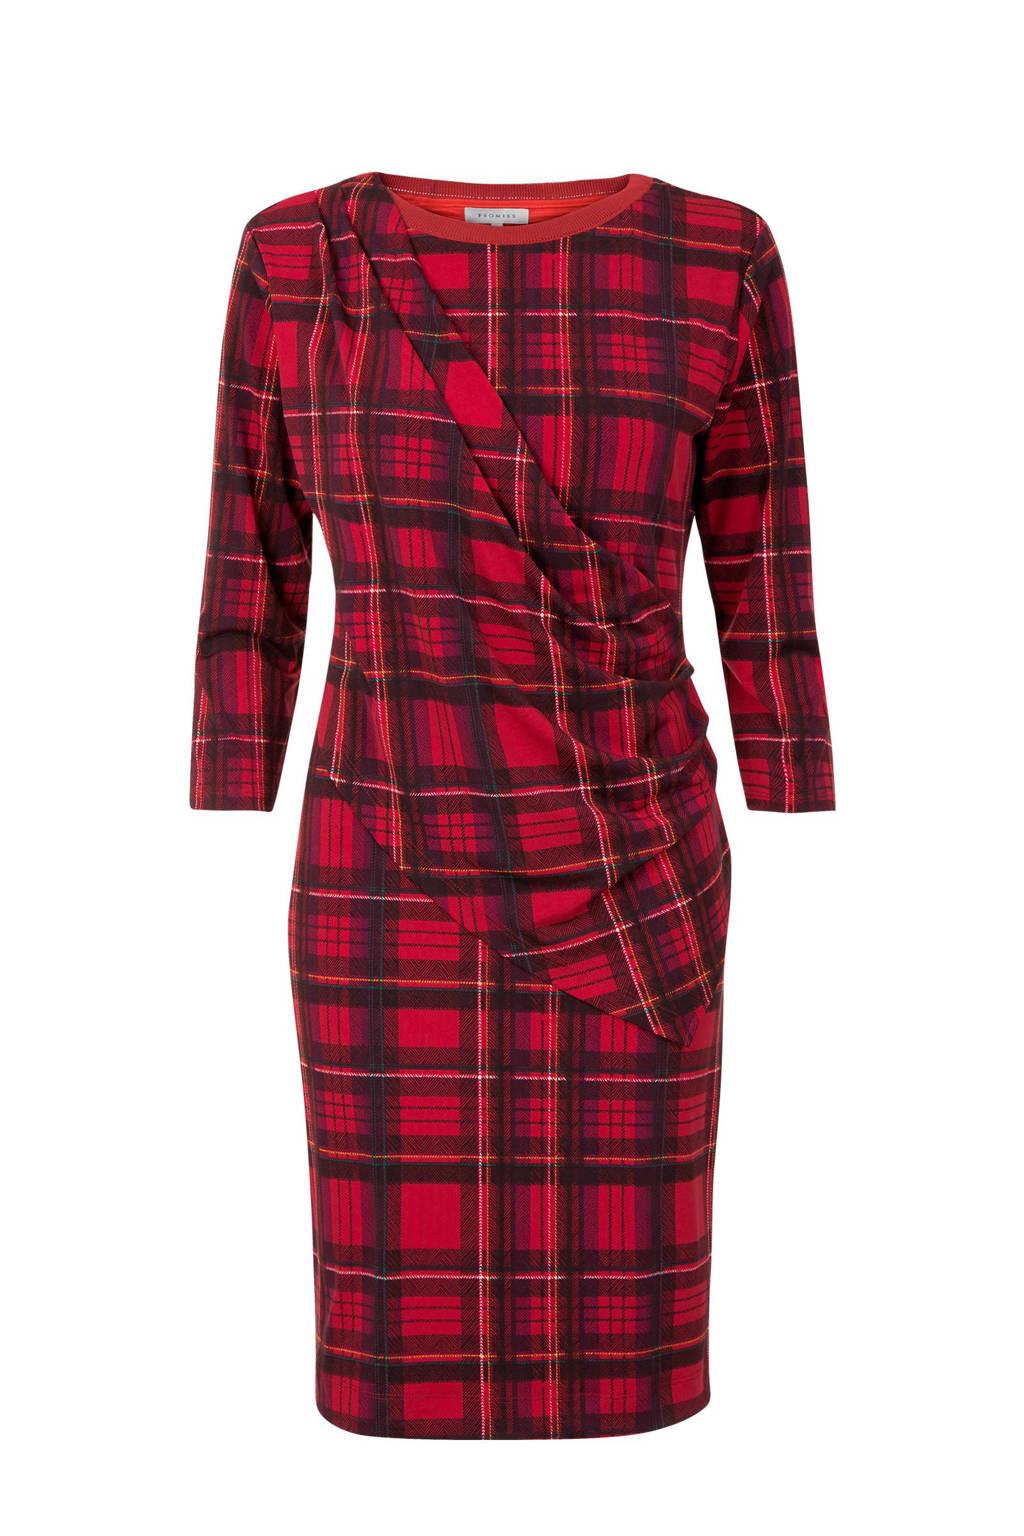 Promiss jurk met ruitprint rood, Rood